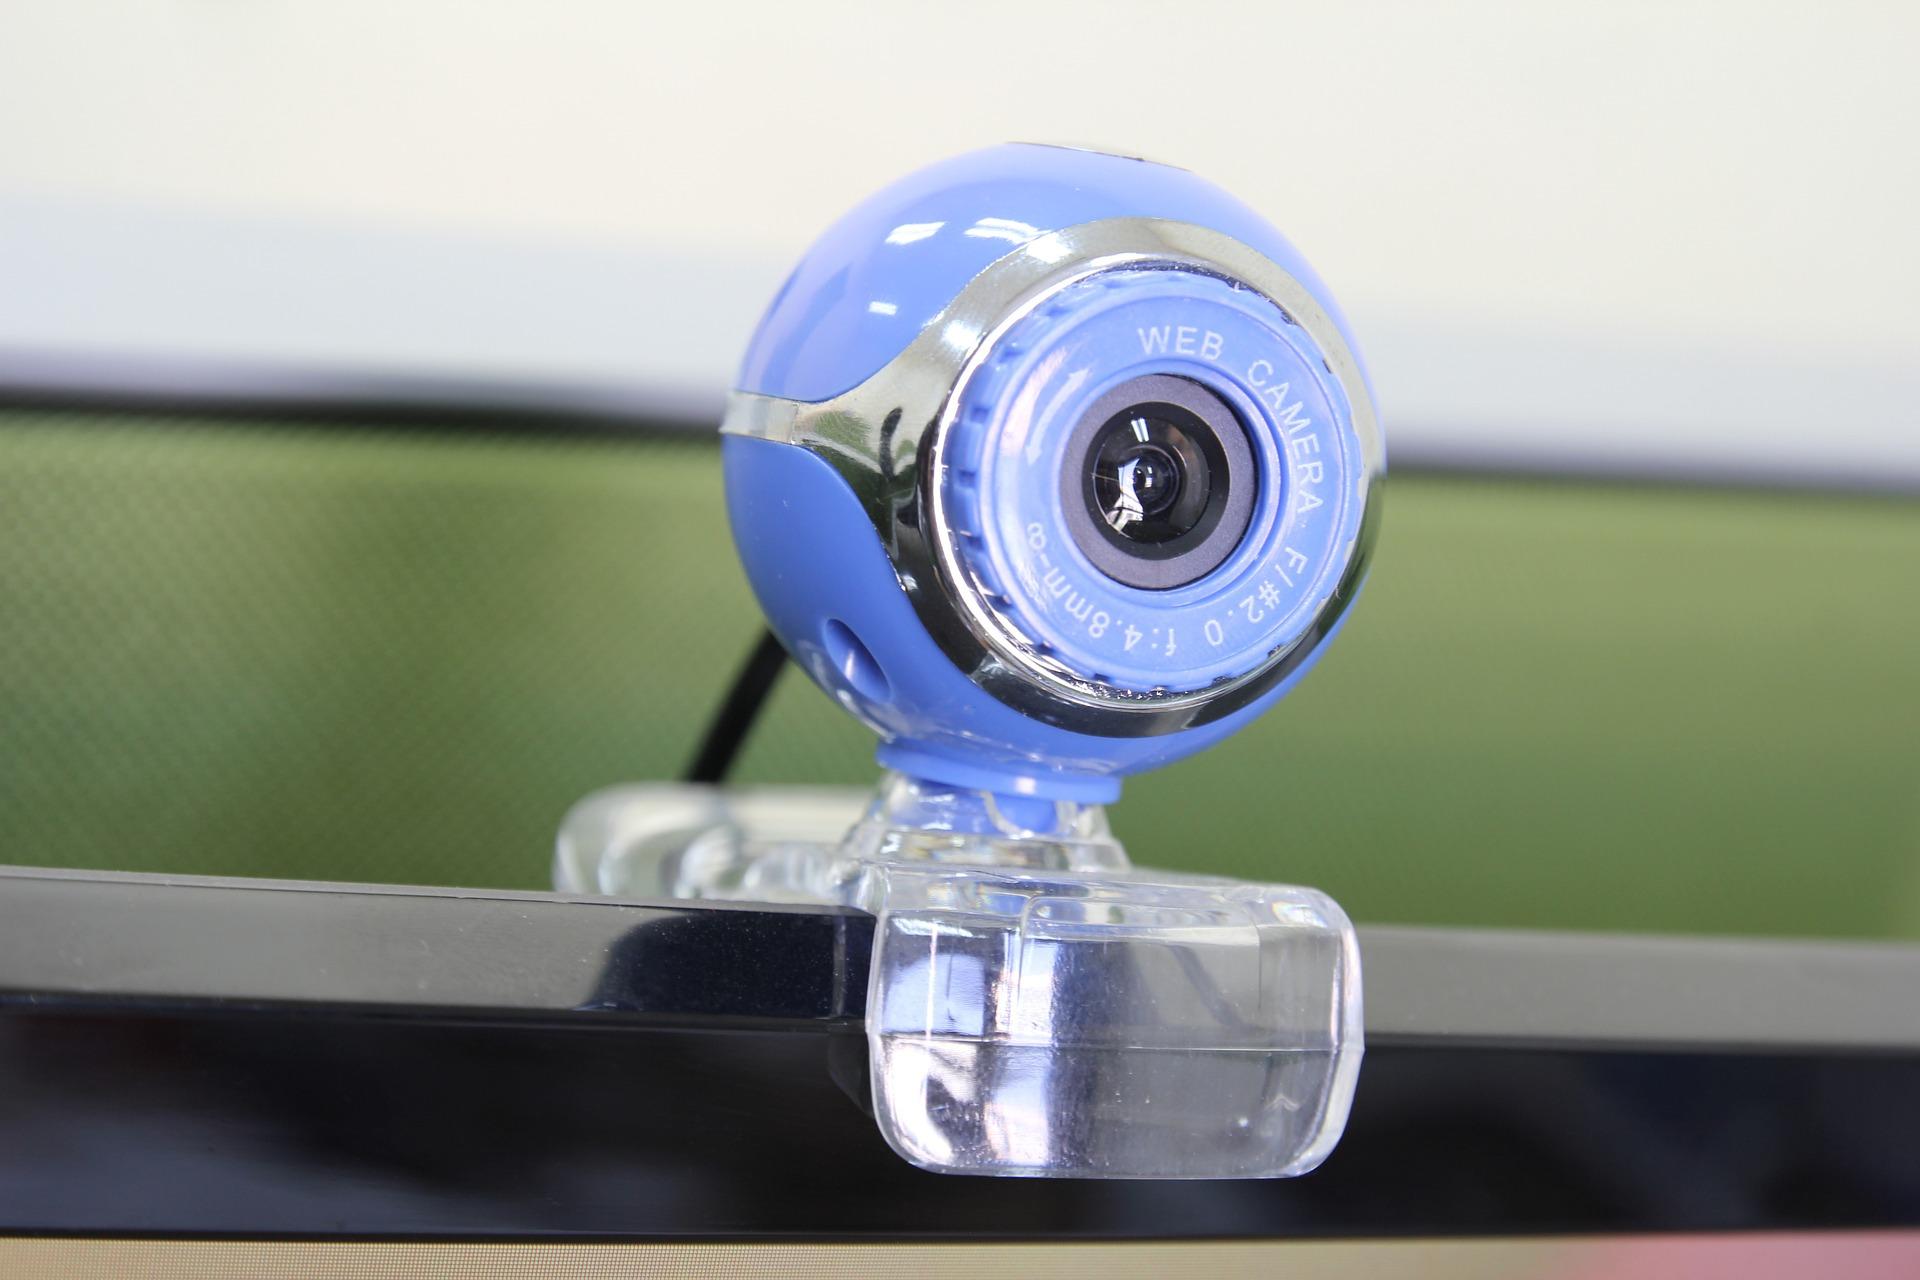 imagem com foco em um modelo de Webcam, preso a uma tela